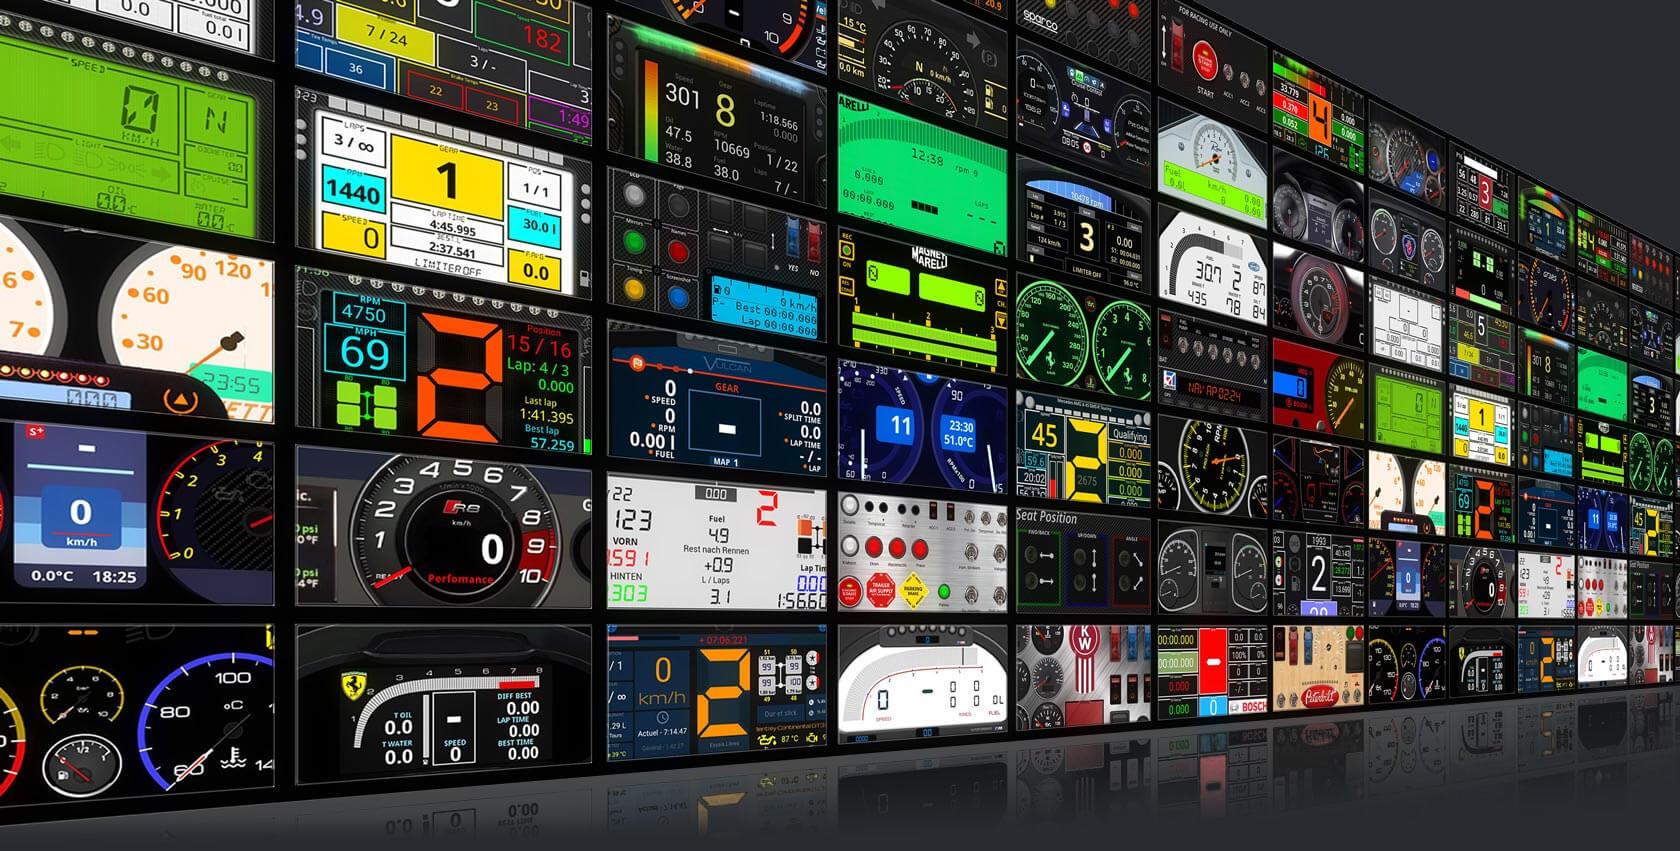 SIM Dashboard Android App - SIM Dashboard